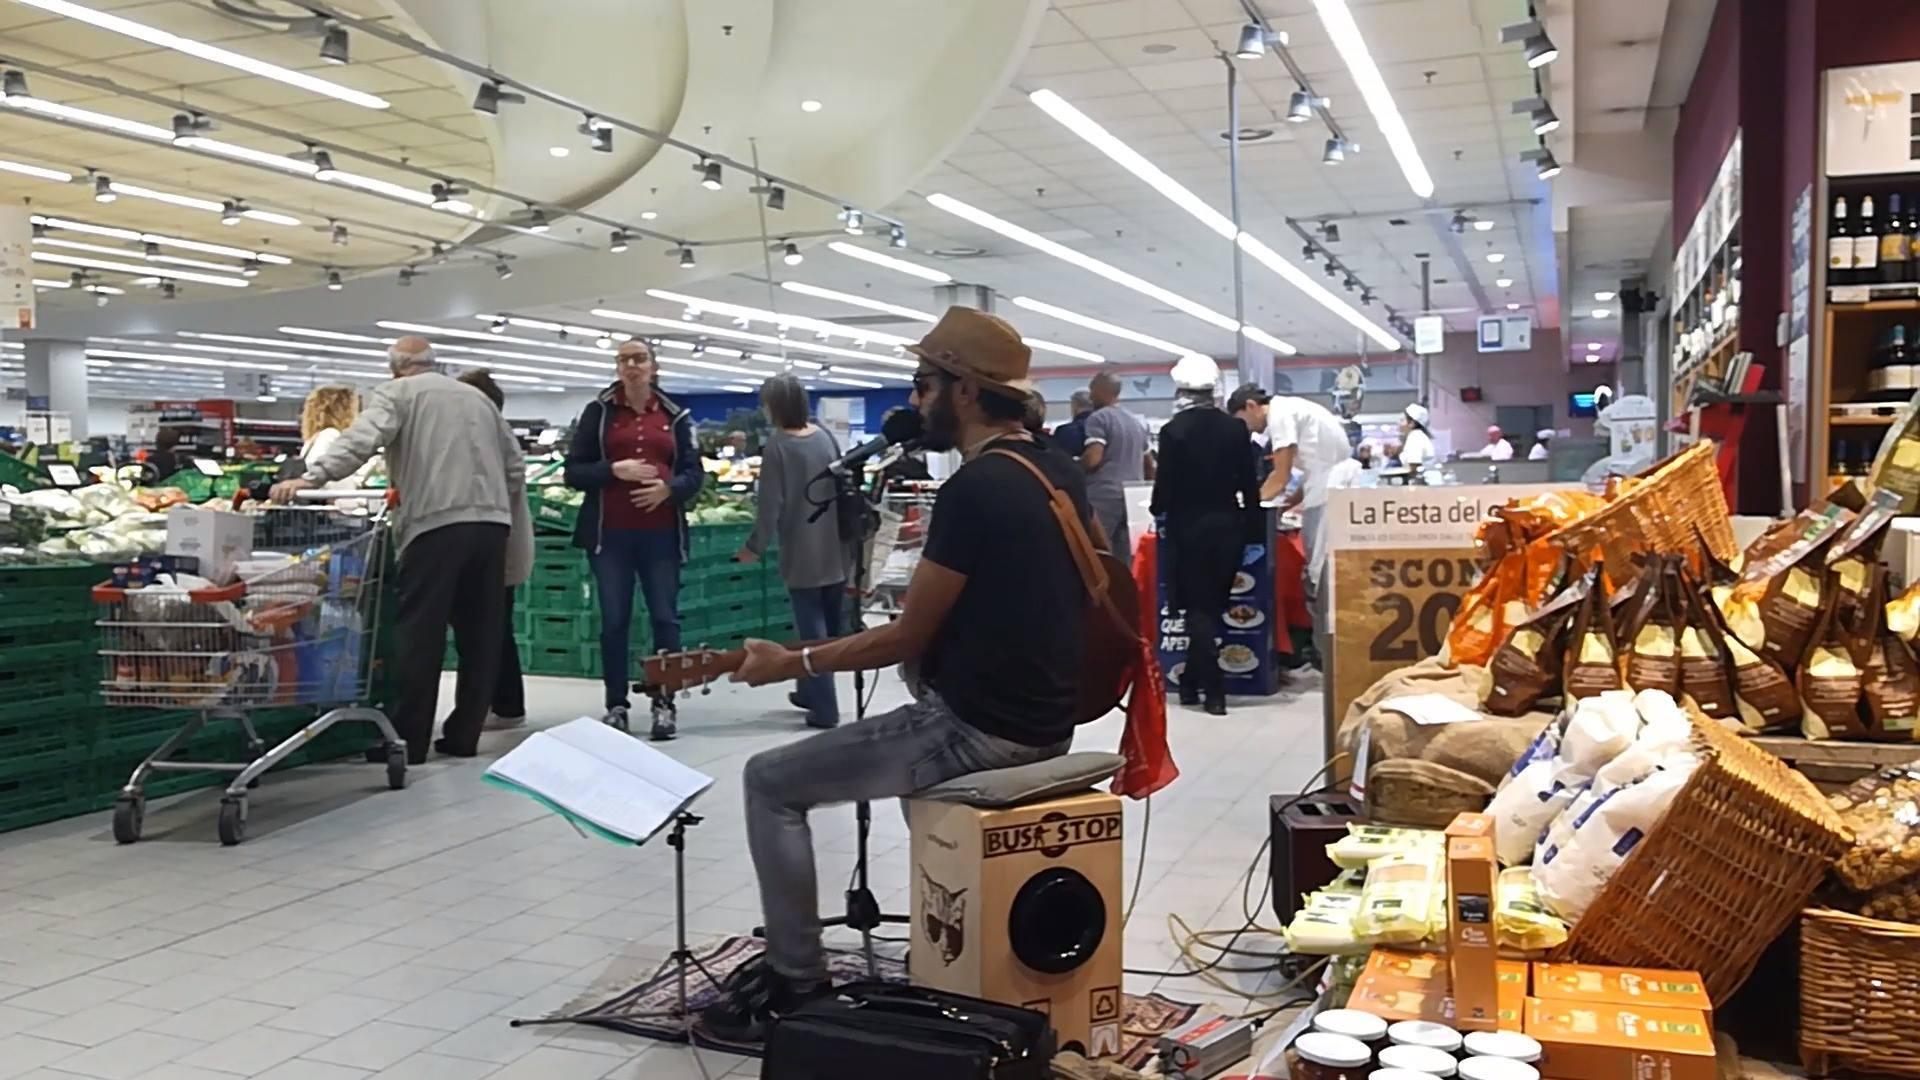 14/10/2017 Il Pescatore - Edwin One Man Band - Coop di Opera